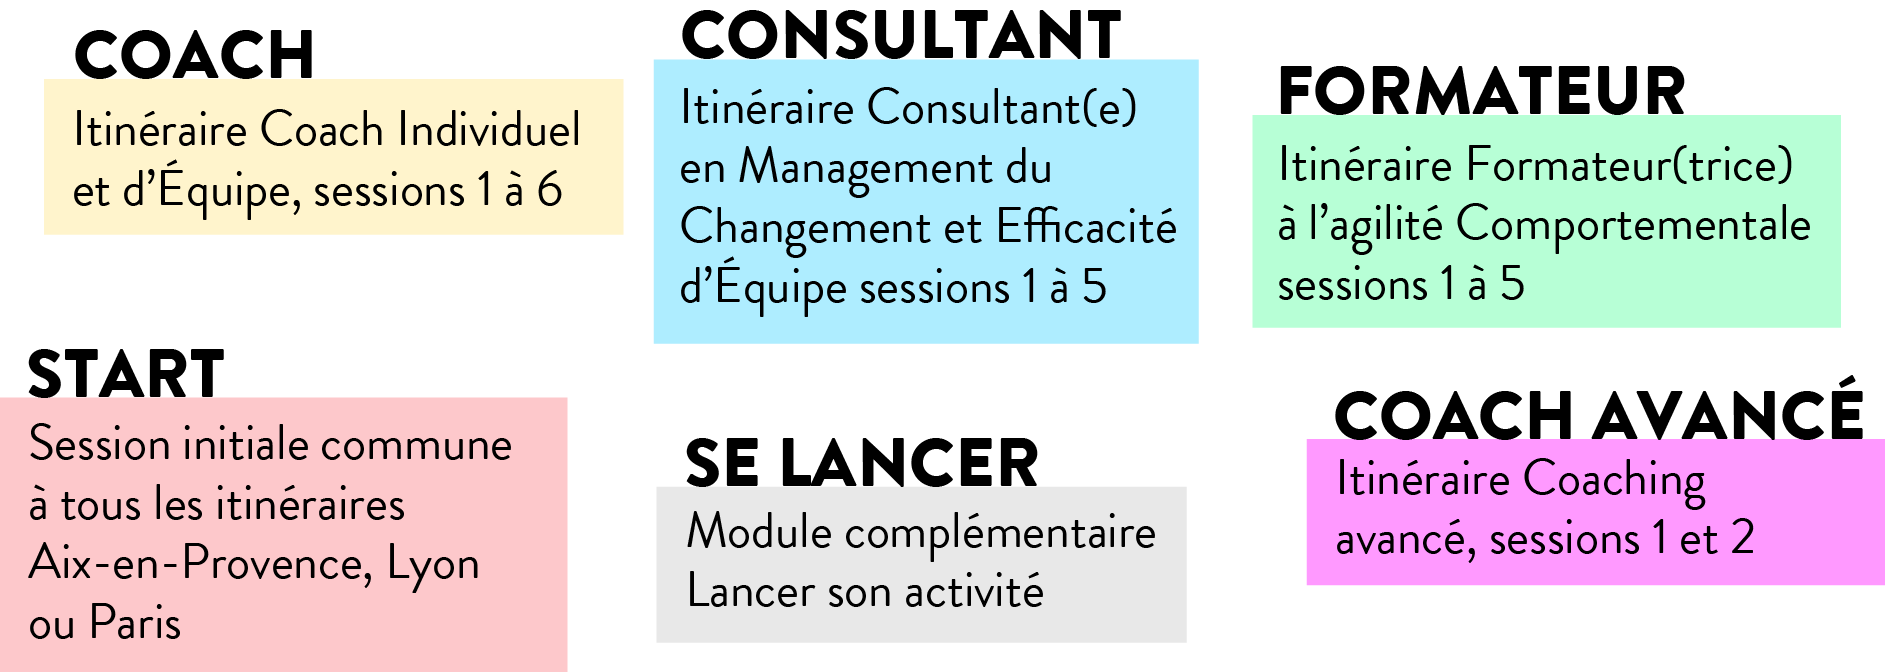 Légende Planning.png